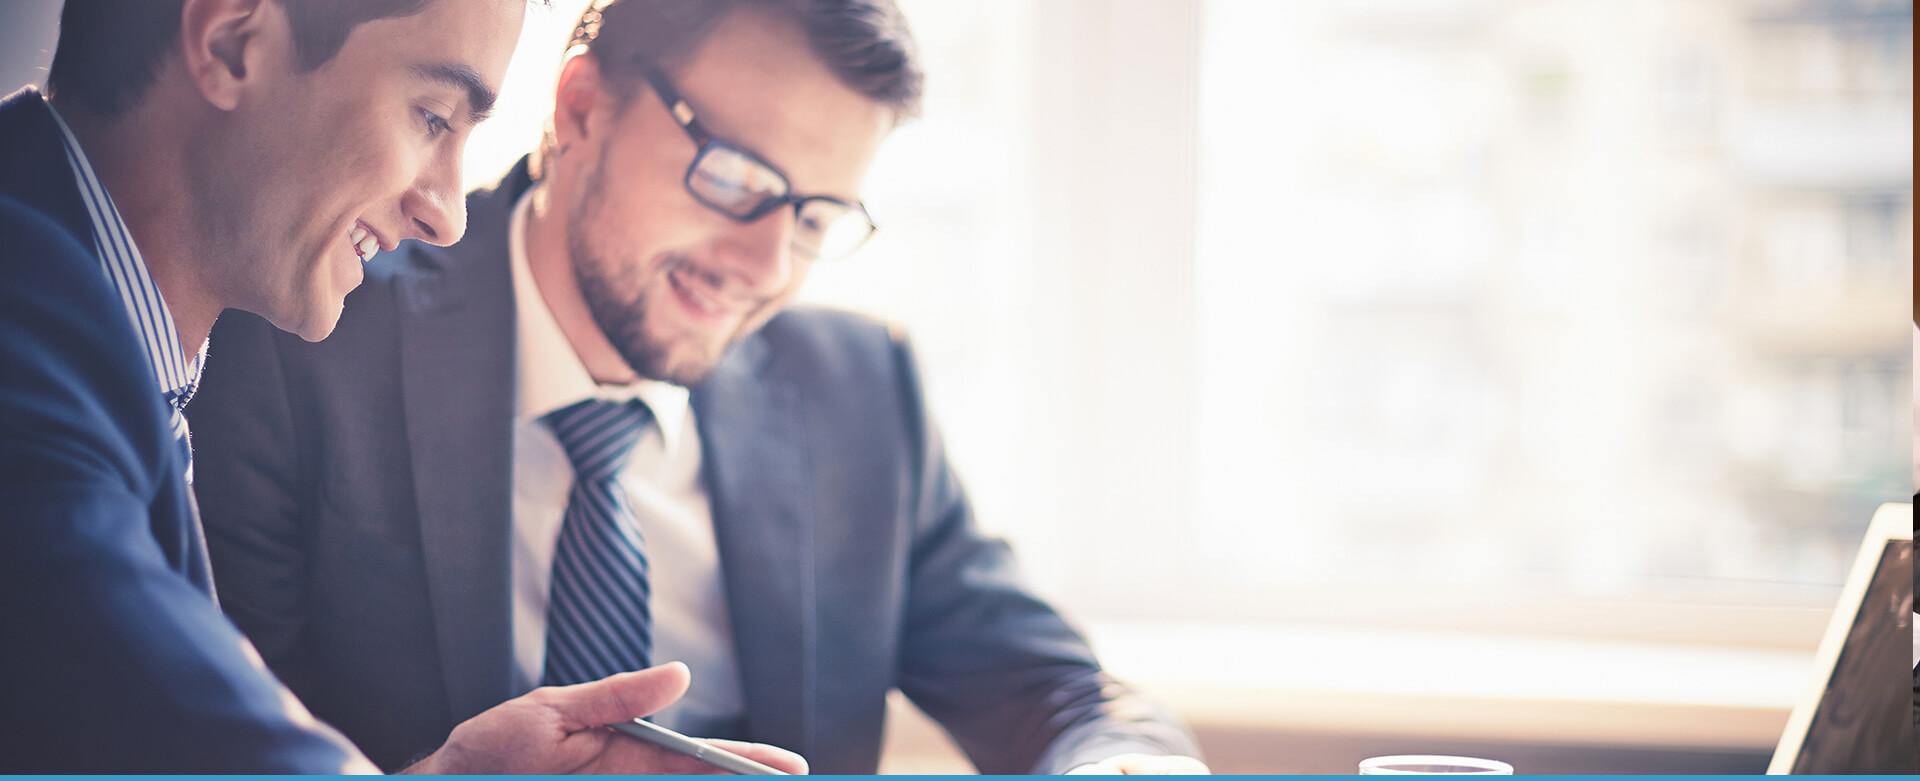 ייעוץ עסקי לעורכי דין עם יועץ עסקי מיומן